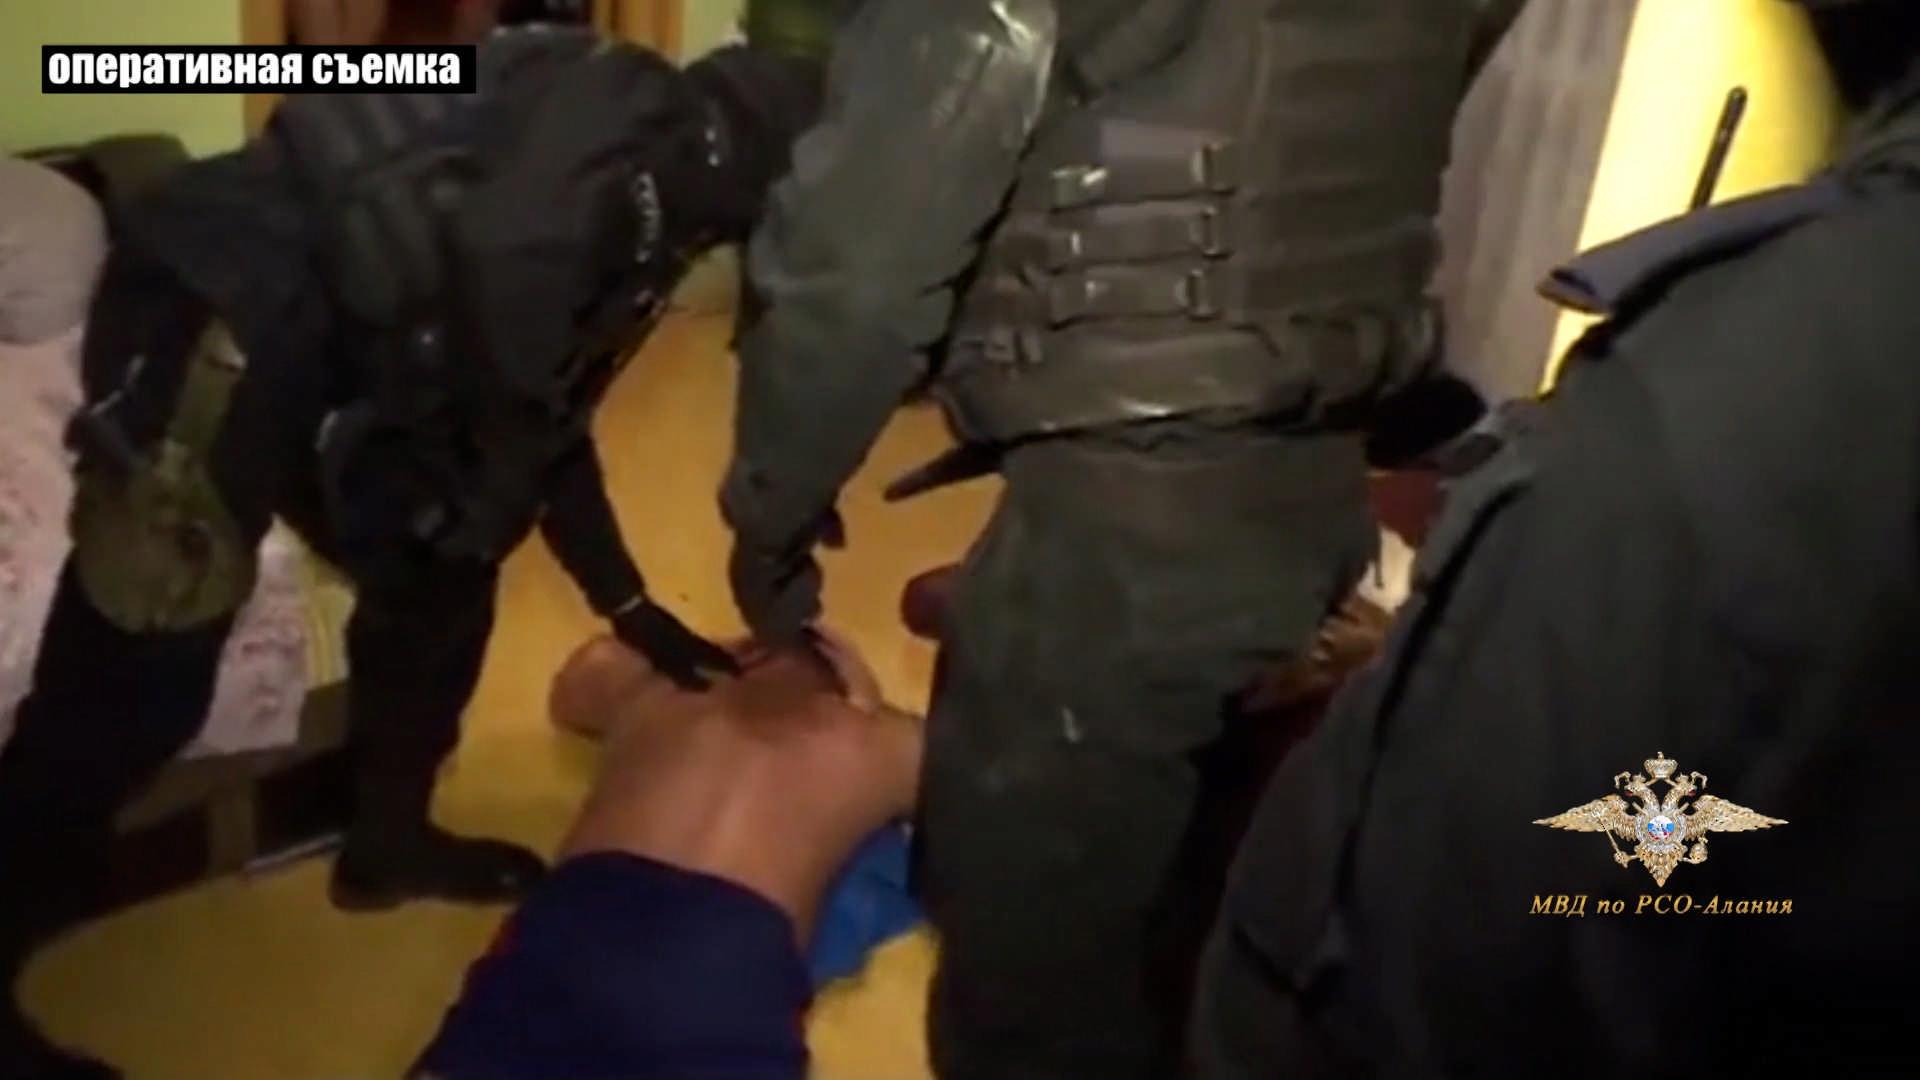 В станице Луковской  закрыли притон по предоставлению интим-услуг в сауне